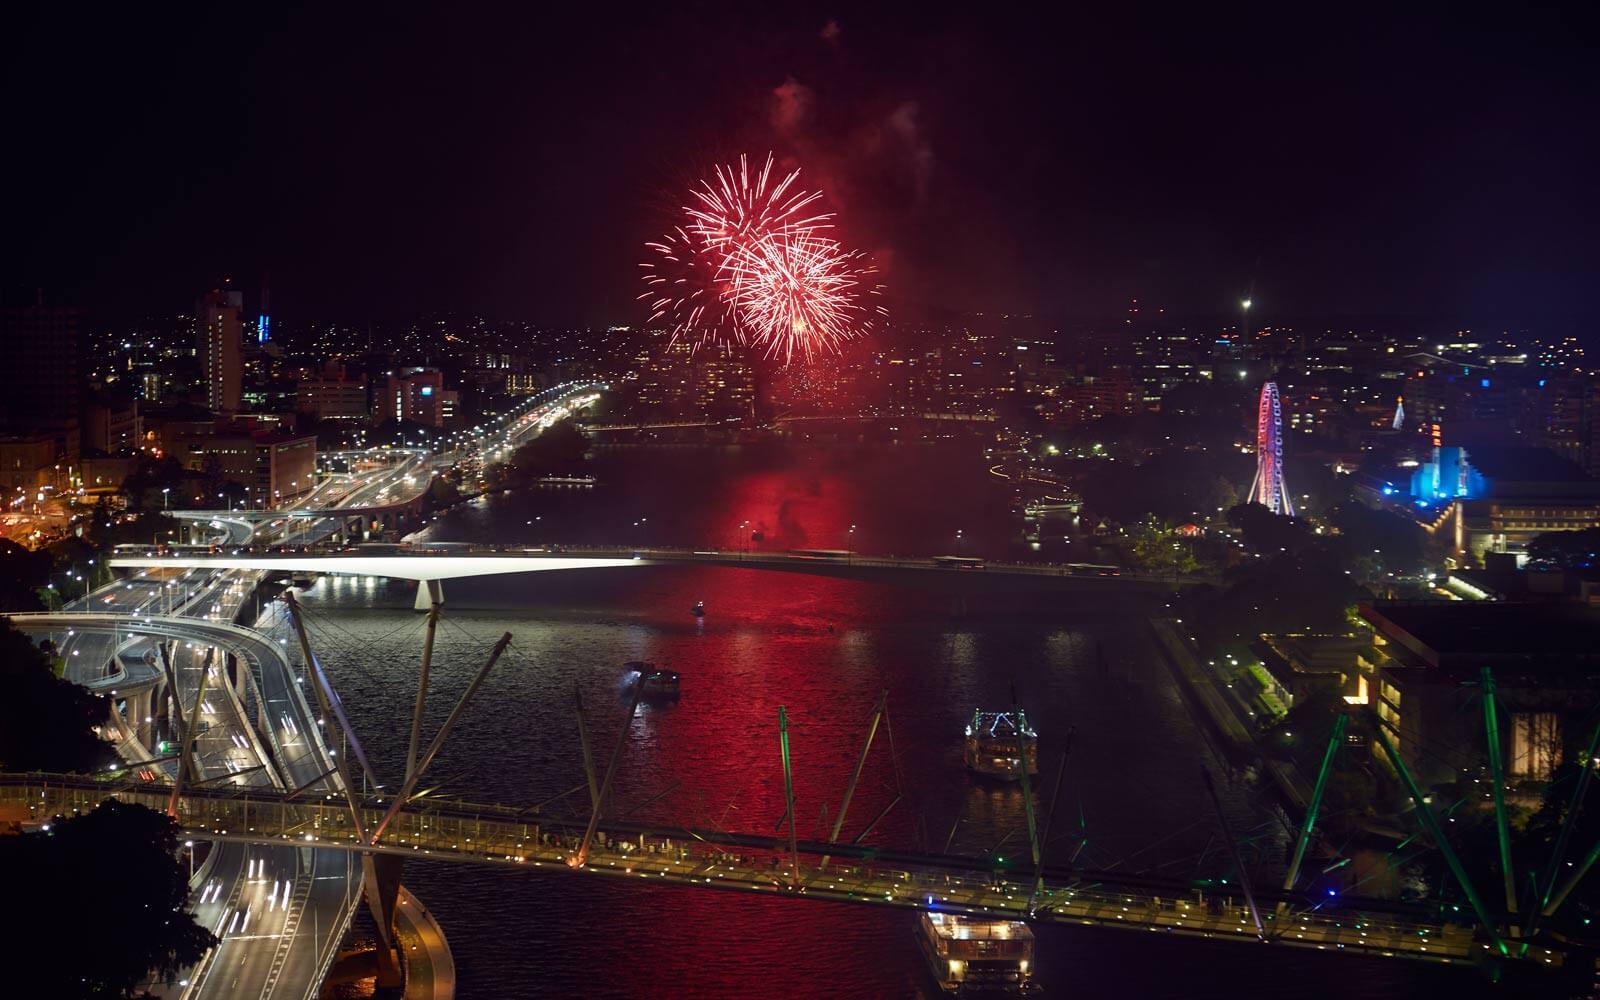 Australia Day: Feuerwerk Brisbane